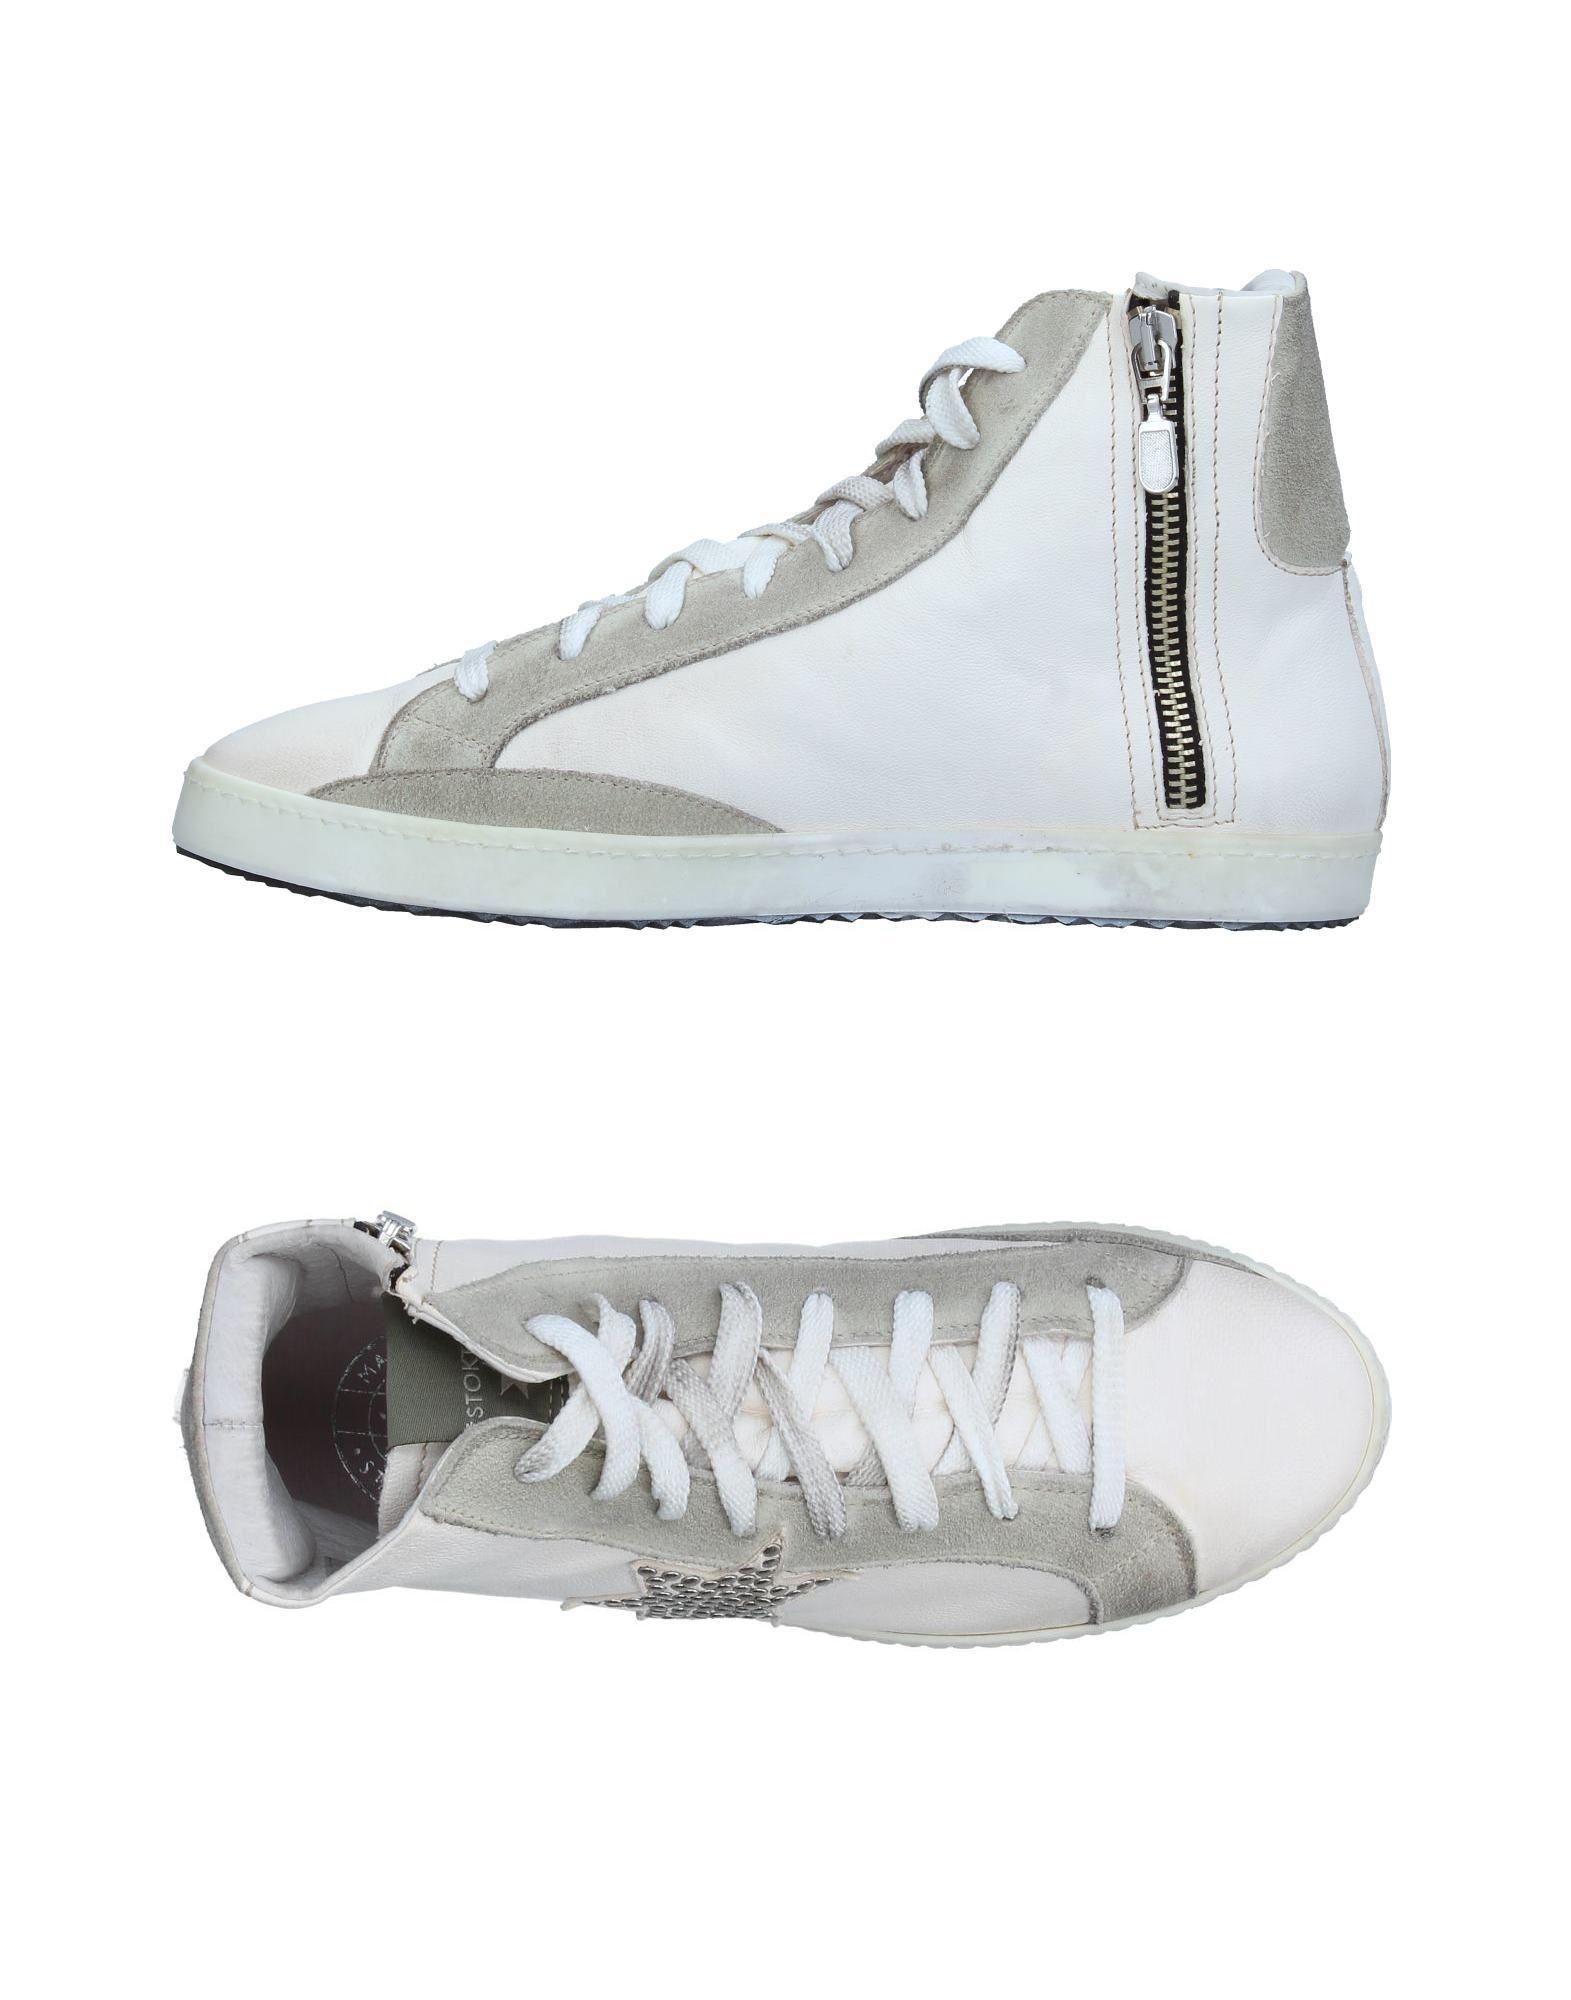 Sneakers Stokton Donna - 11366286CV Scarpe economiche e buone